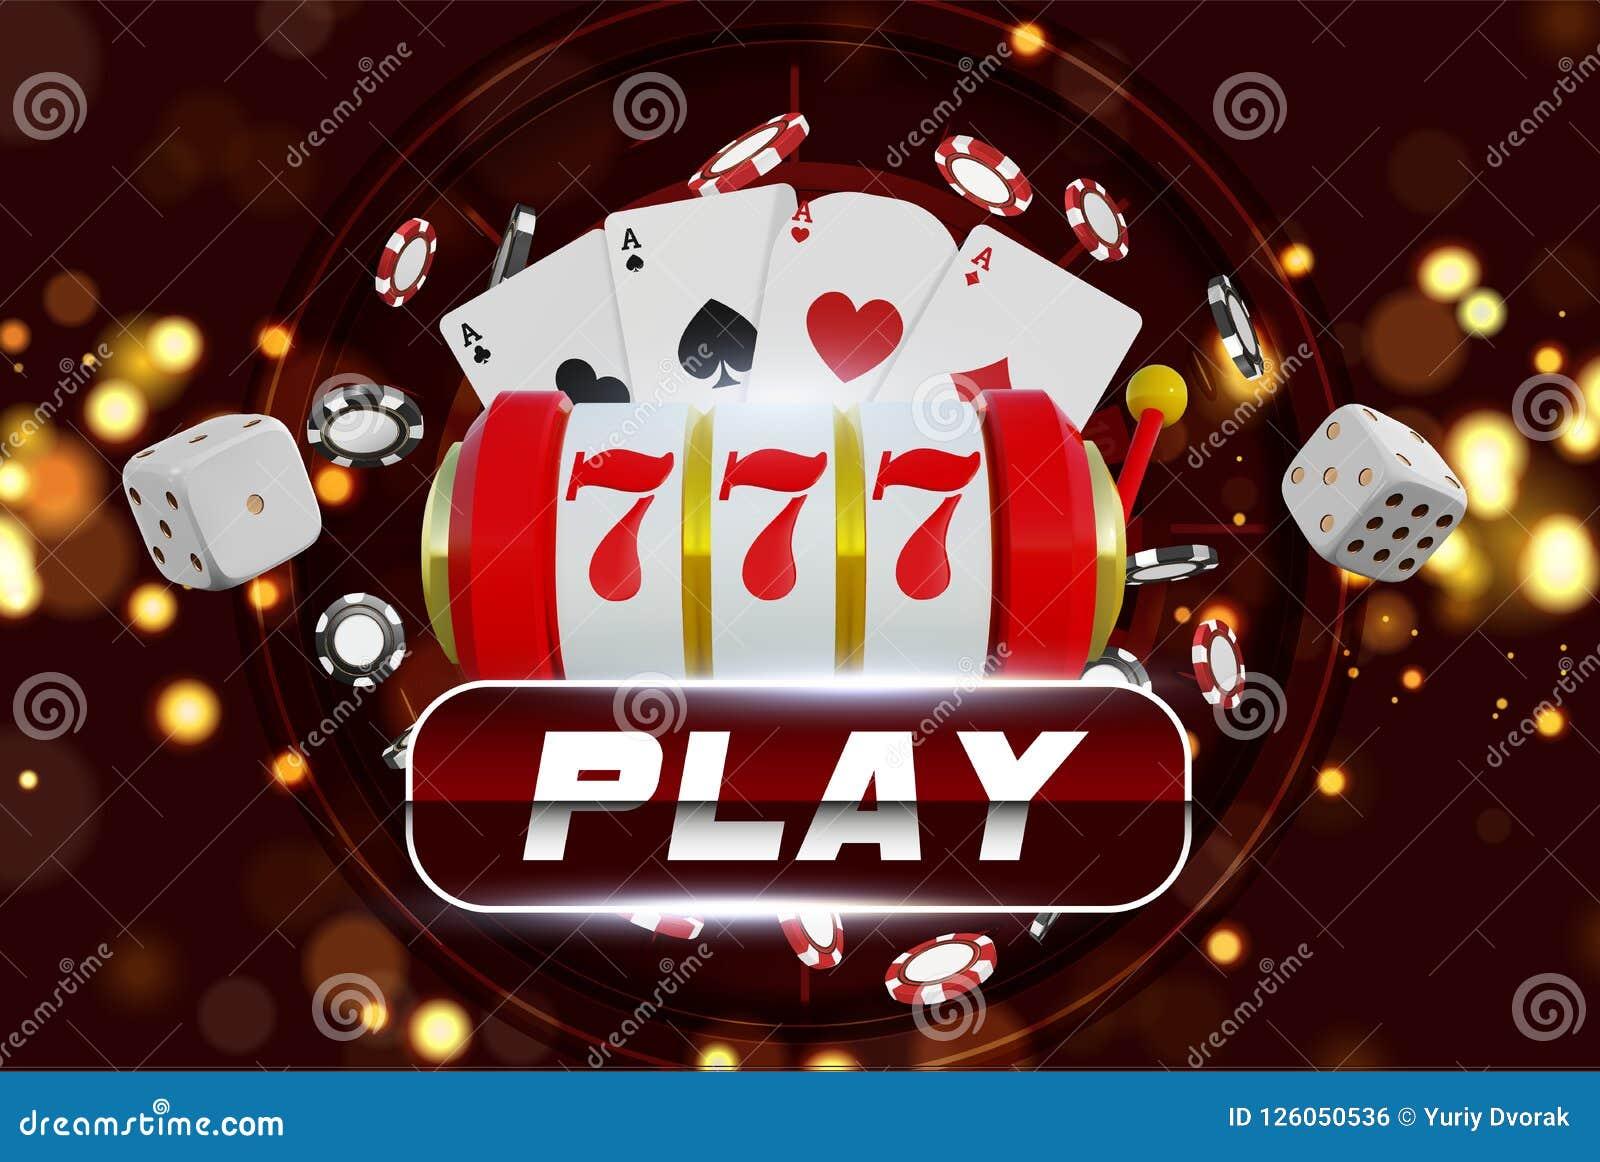 Slot machine free 250486